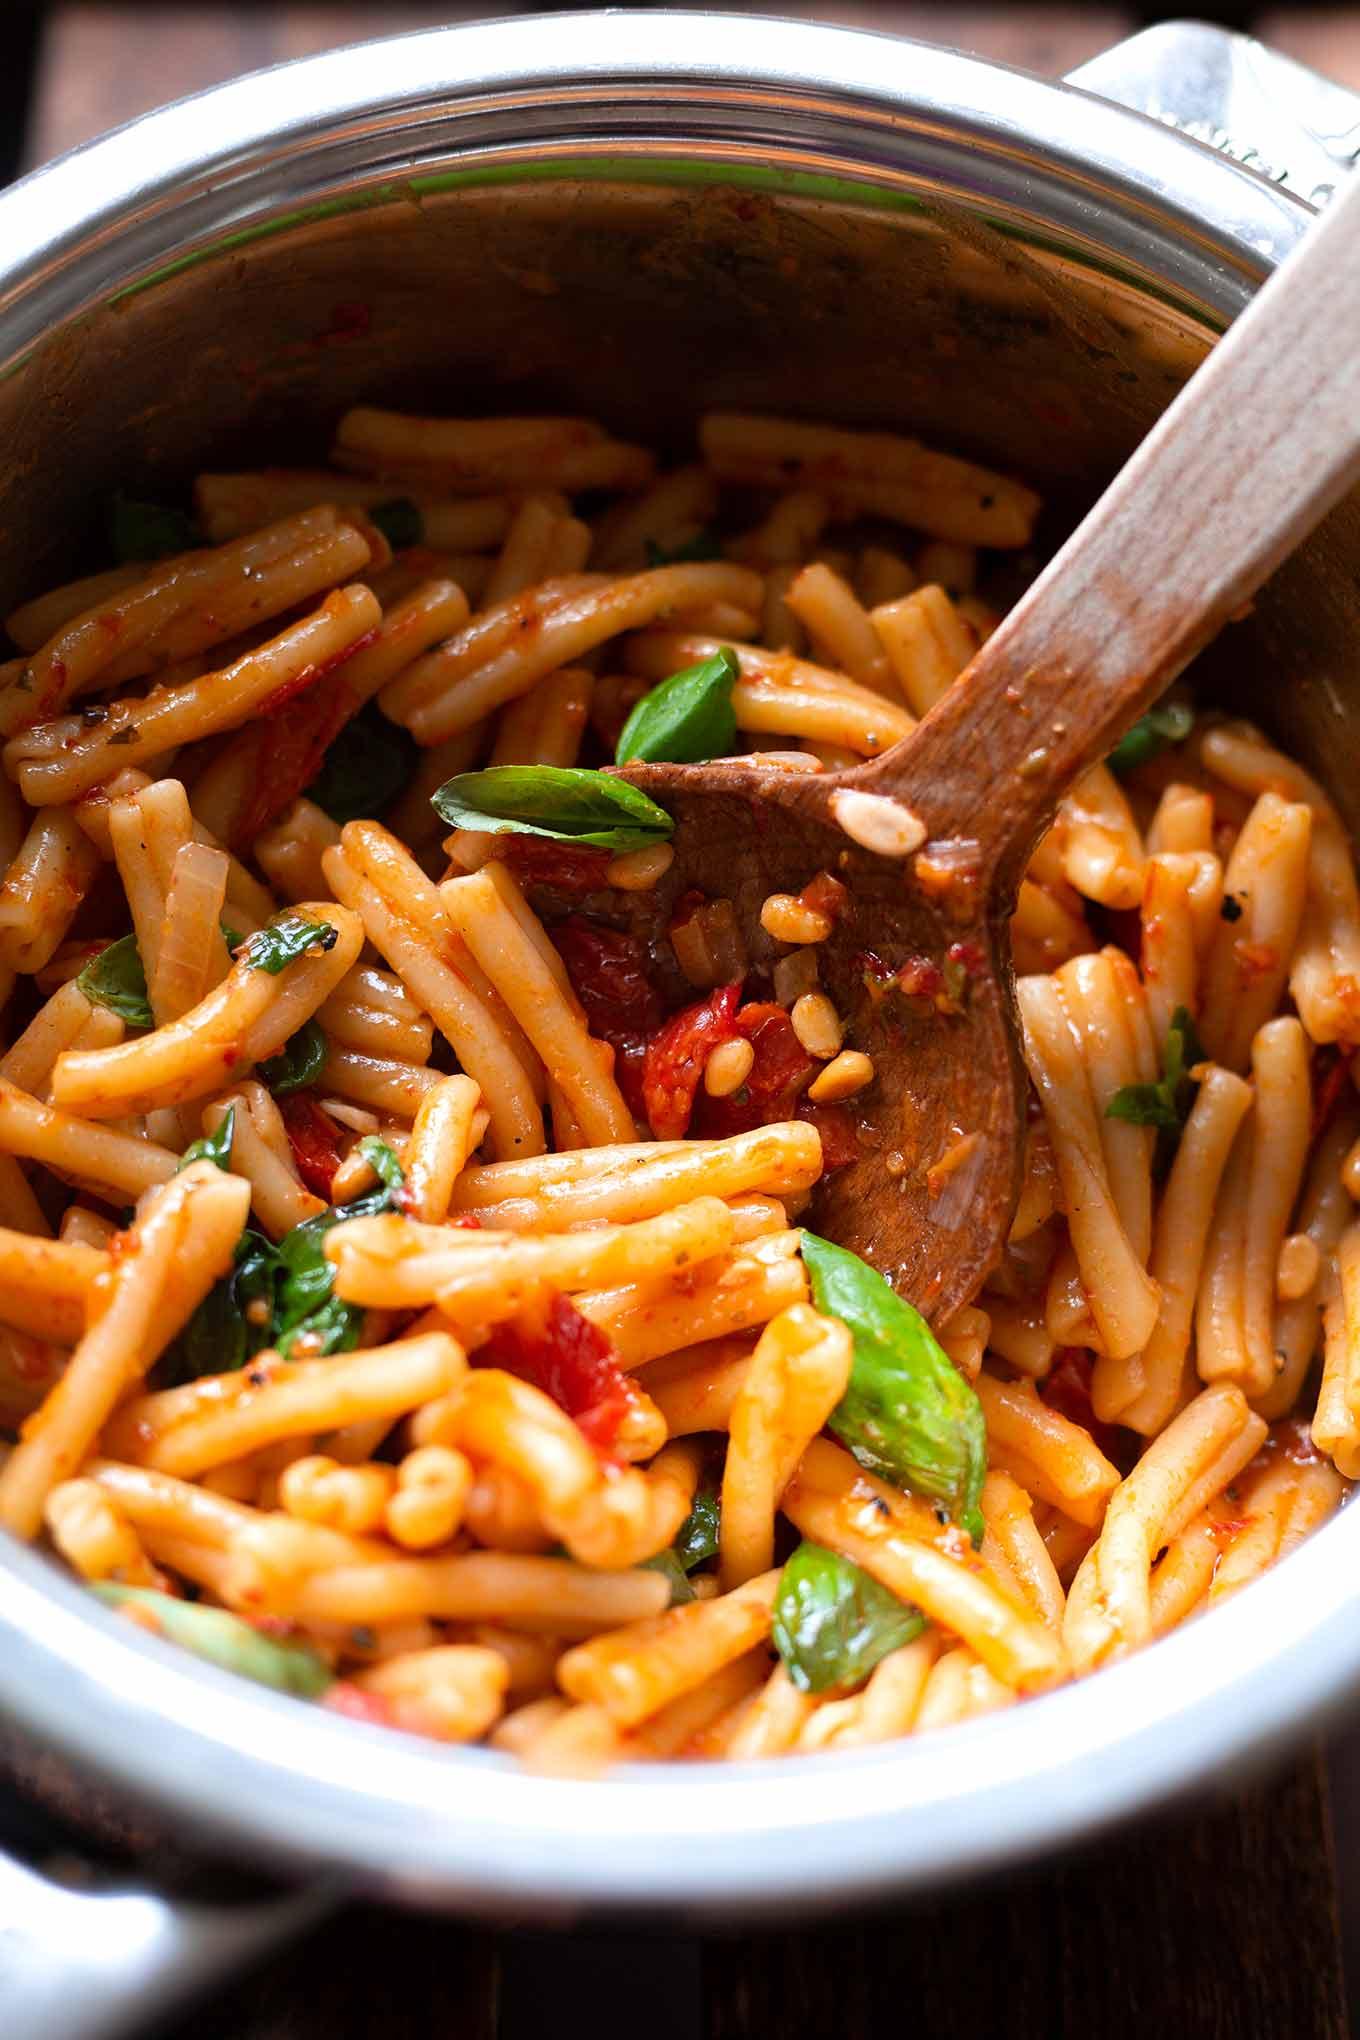 One Pot Pasta mit Pesto und getrockneten Tomaten. Dieses schnelle One Pot Rezept aus Vorratszutaten ist SO gut! - Kochkarussell Foodblog #onepotpasta #onepotrezept #kochkarussell